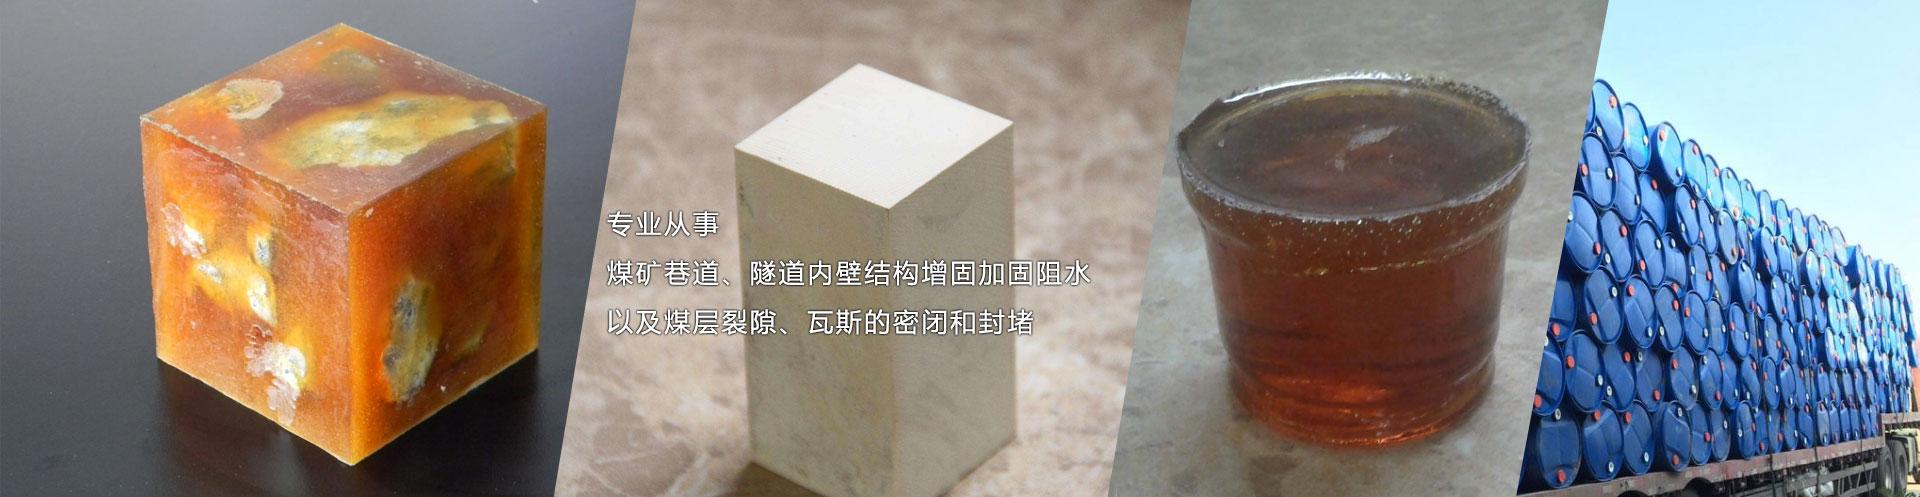 矿用罗克休,矿用马丽散,矿用加固材料